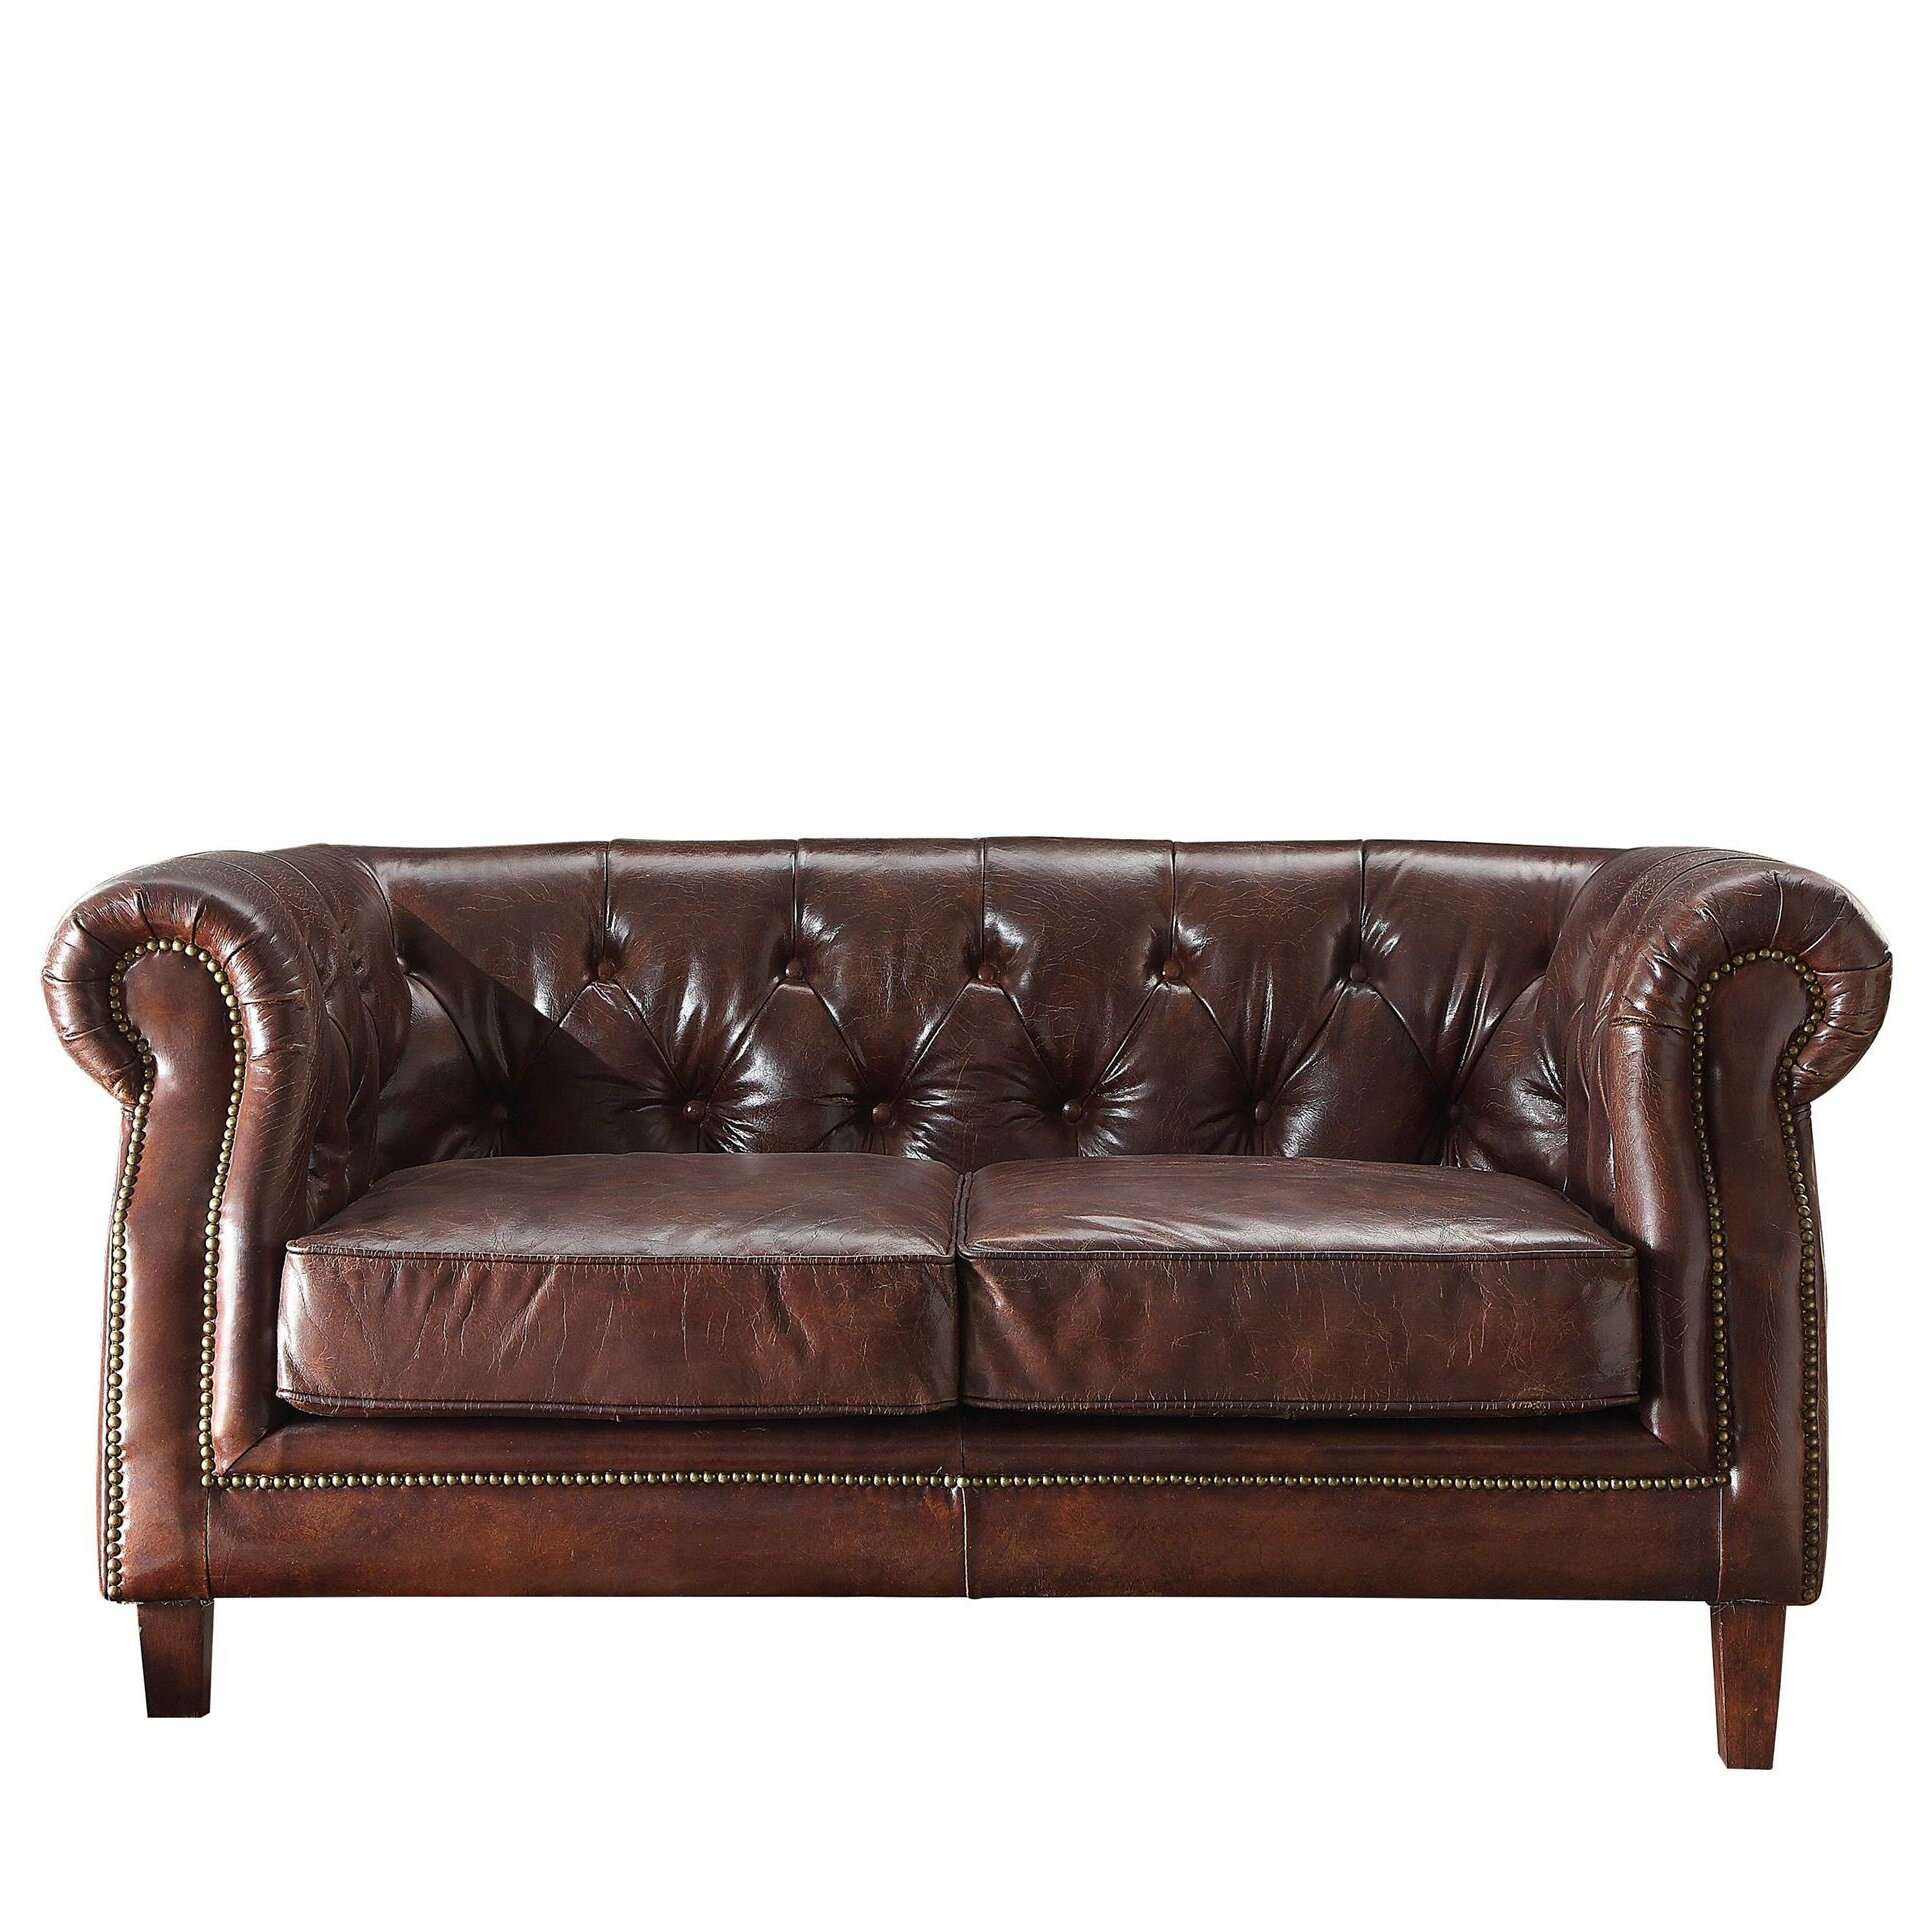 80561114d91c Williston Forge Kasha Top Grain Leather Chesterfield Loveseat Wayfair